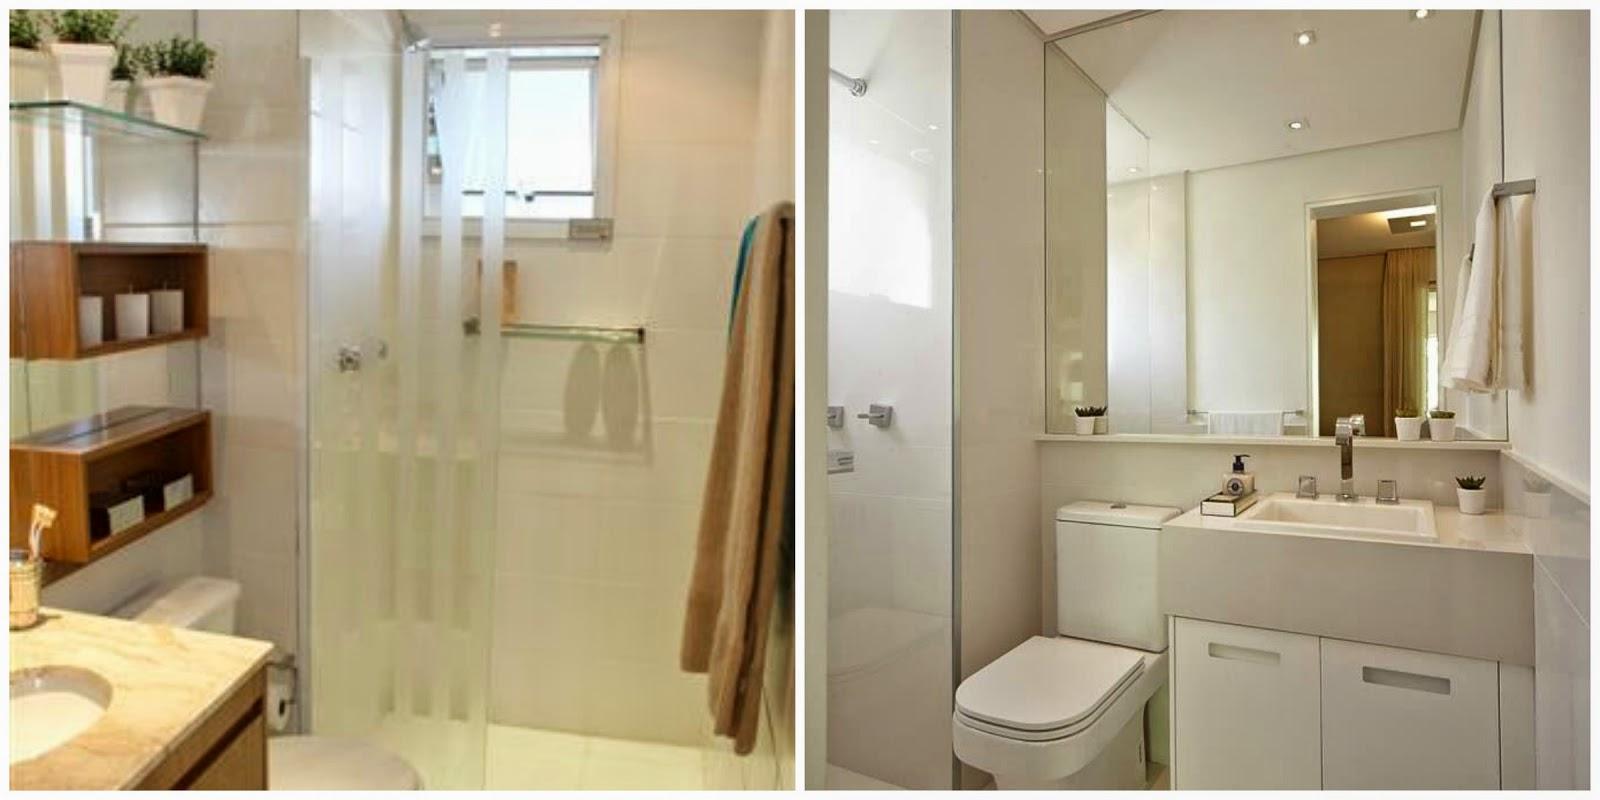 Ideias para decorar o seu banheiro Mari Beleza Pura #37220C 1600 800